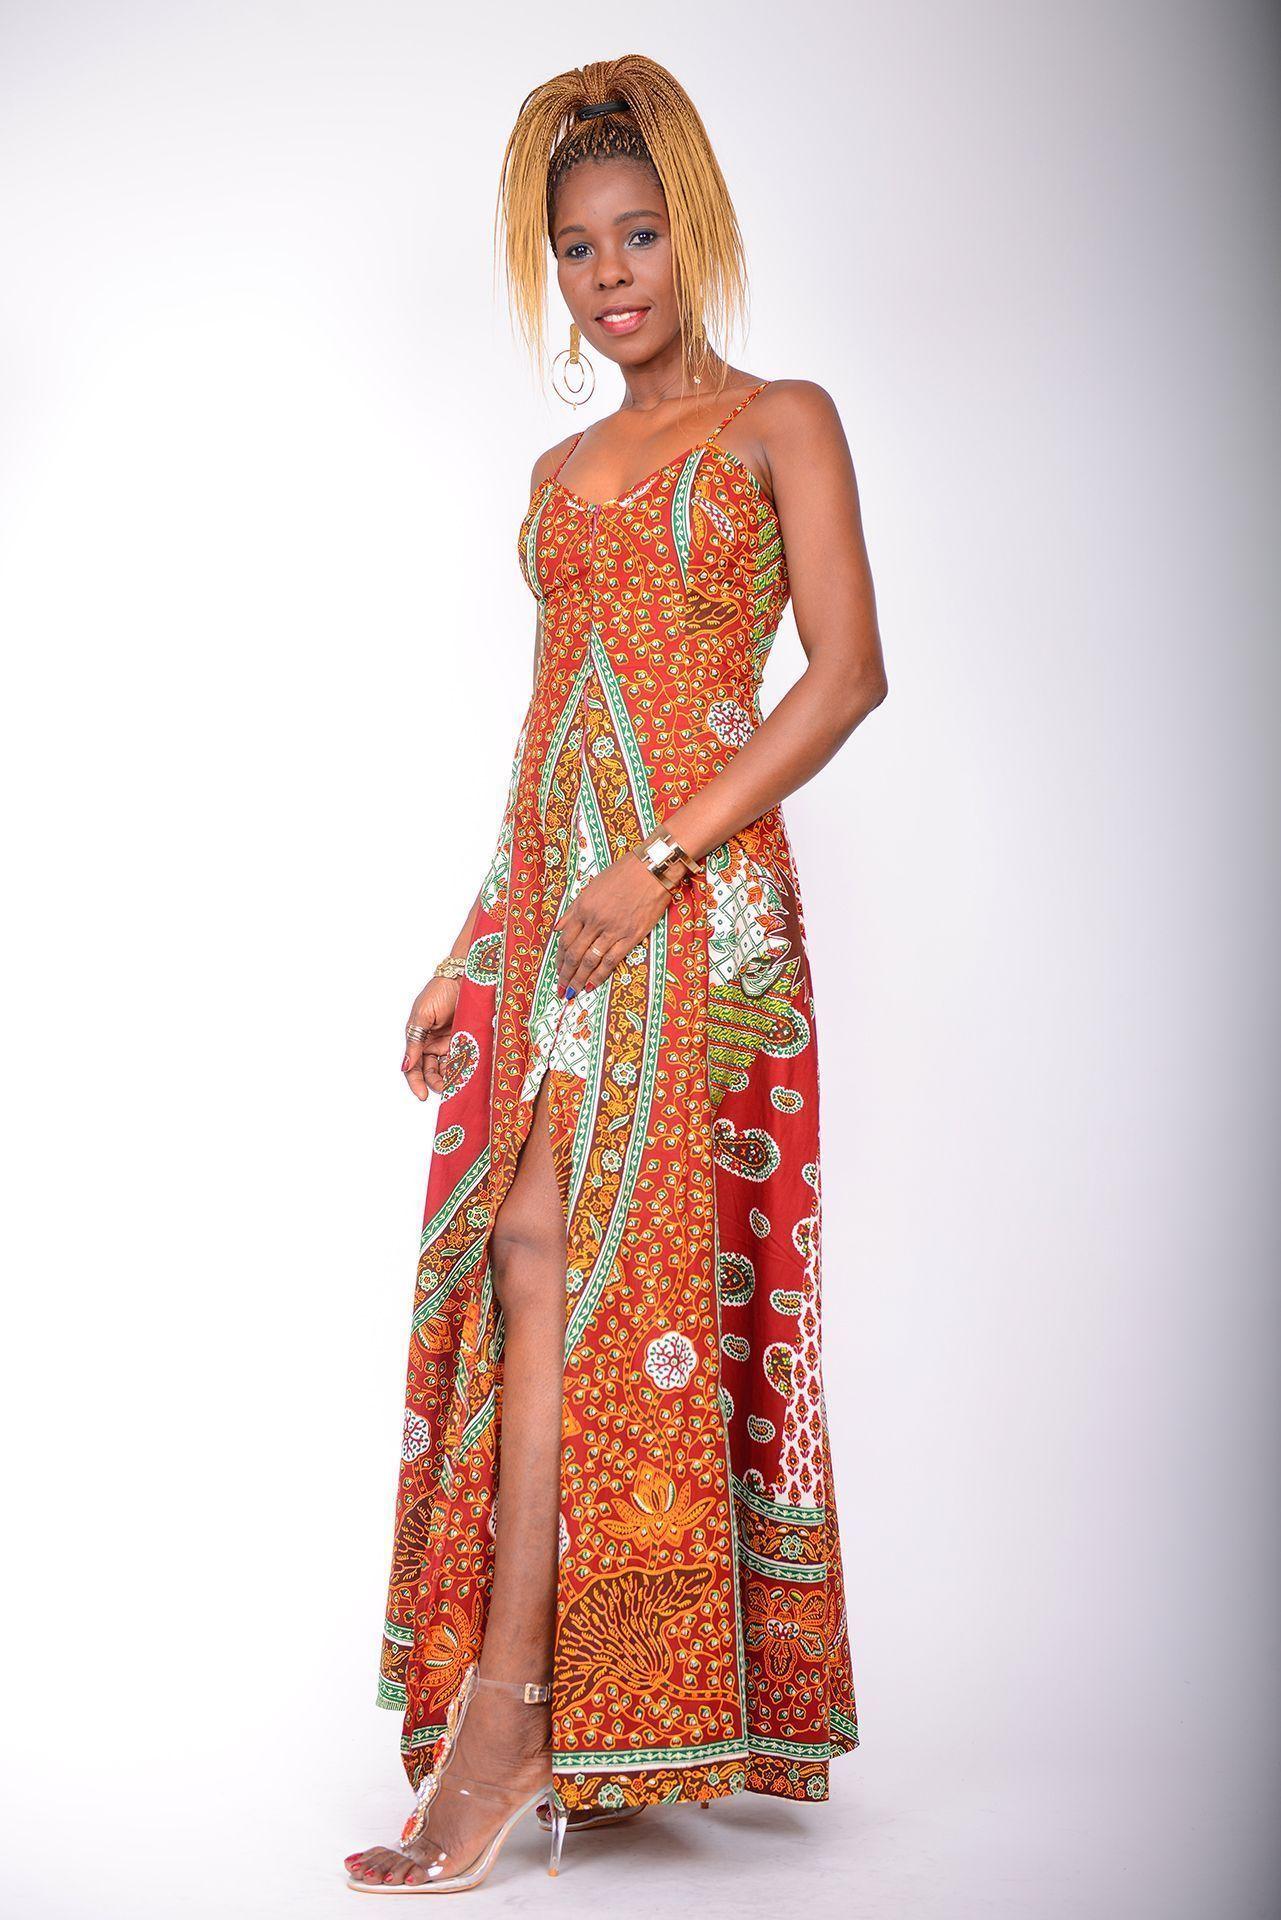 Afrikanisches Kleid Paterne #afrikanischeskleid Afrikanisches Kleid Paterne #afrikanischeskleid Afrikanisches Kleid Paterne #afrikanischeskleid Afrikanisches Kleid Paterne #afrikanischeskleid Afrikanisches Kleid Paterne #afrikanischeskleid Afrikanisches Kleid Paterne #afrikanischeskleid Afrikanisches Kleid Paterne #afrikanischeskleid Afrikanisches Kleid Paterne #afrikanischeskleid Afrikanisches Kleid Paterne #afrikanischeskleid Afrikanisches Kleid Paterne #afrikanischeskleid Afrikanisches Kleid #afrikanischeskleid